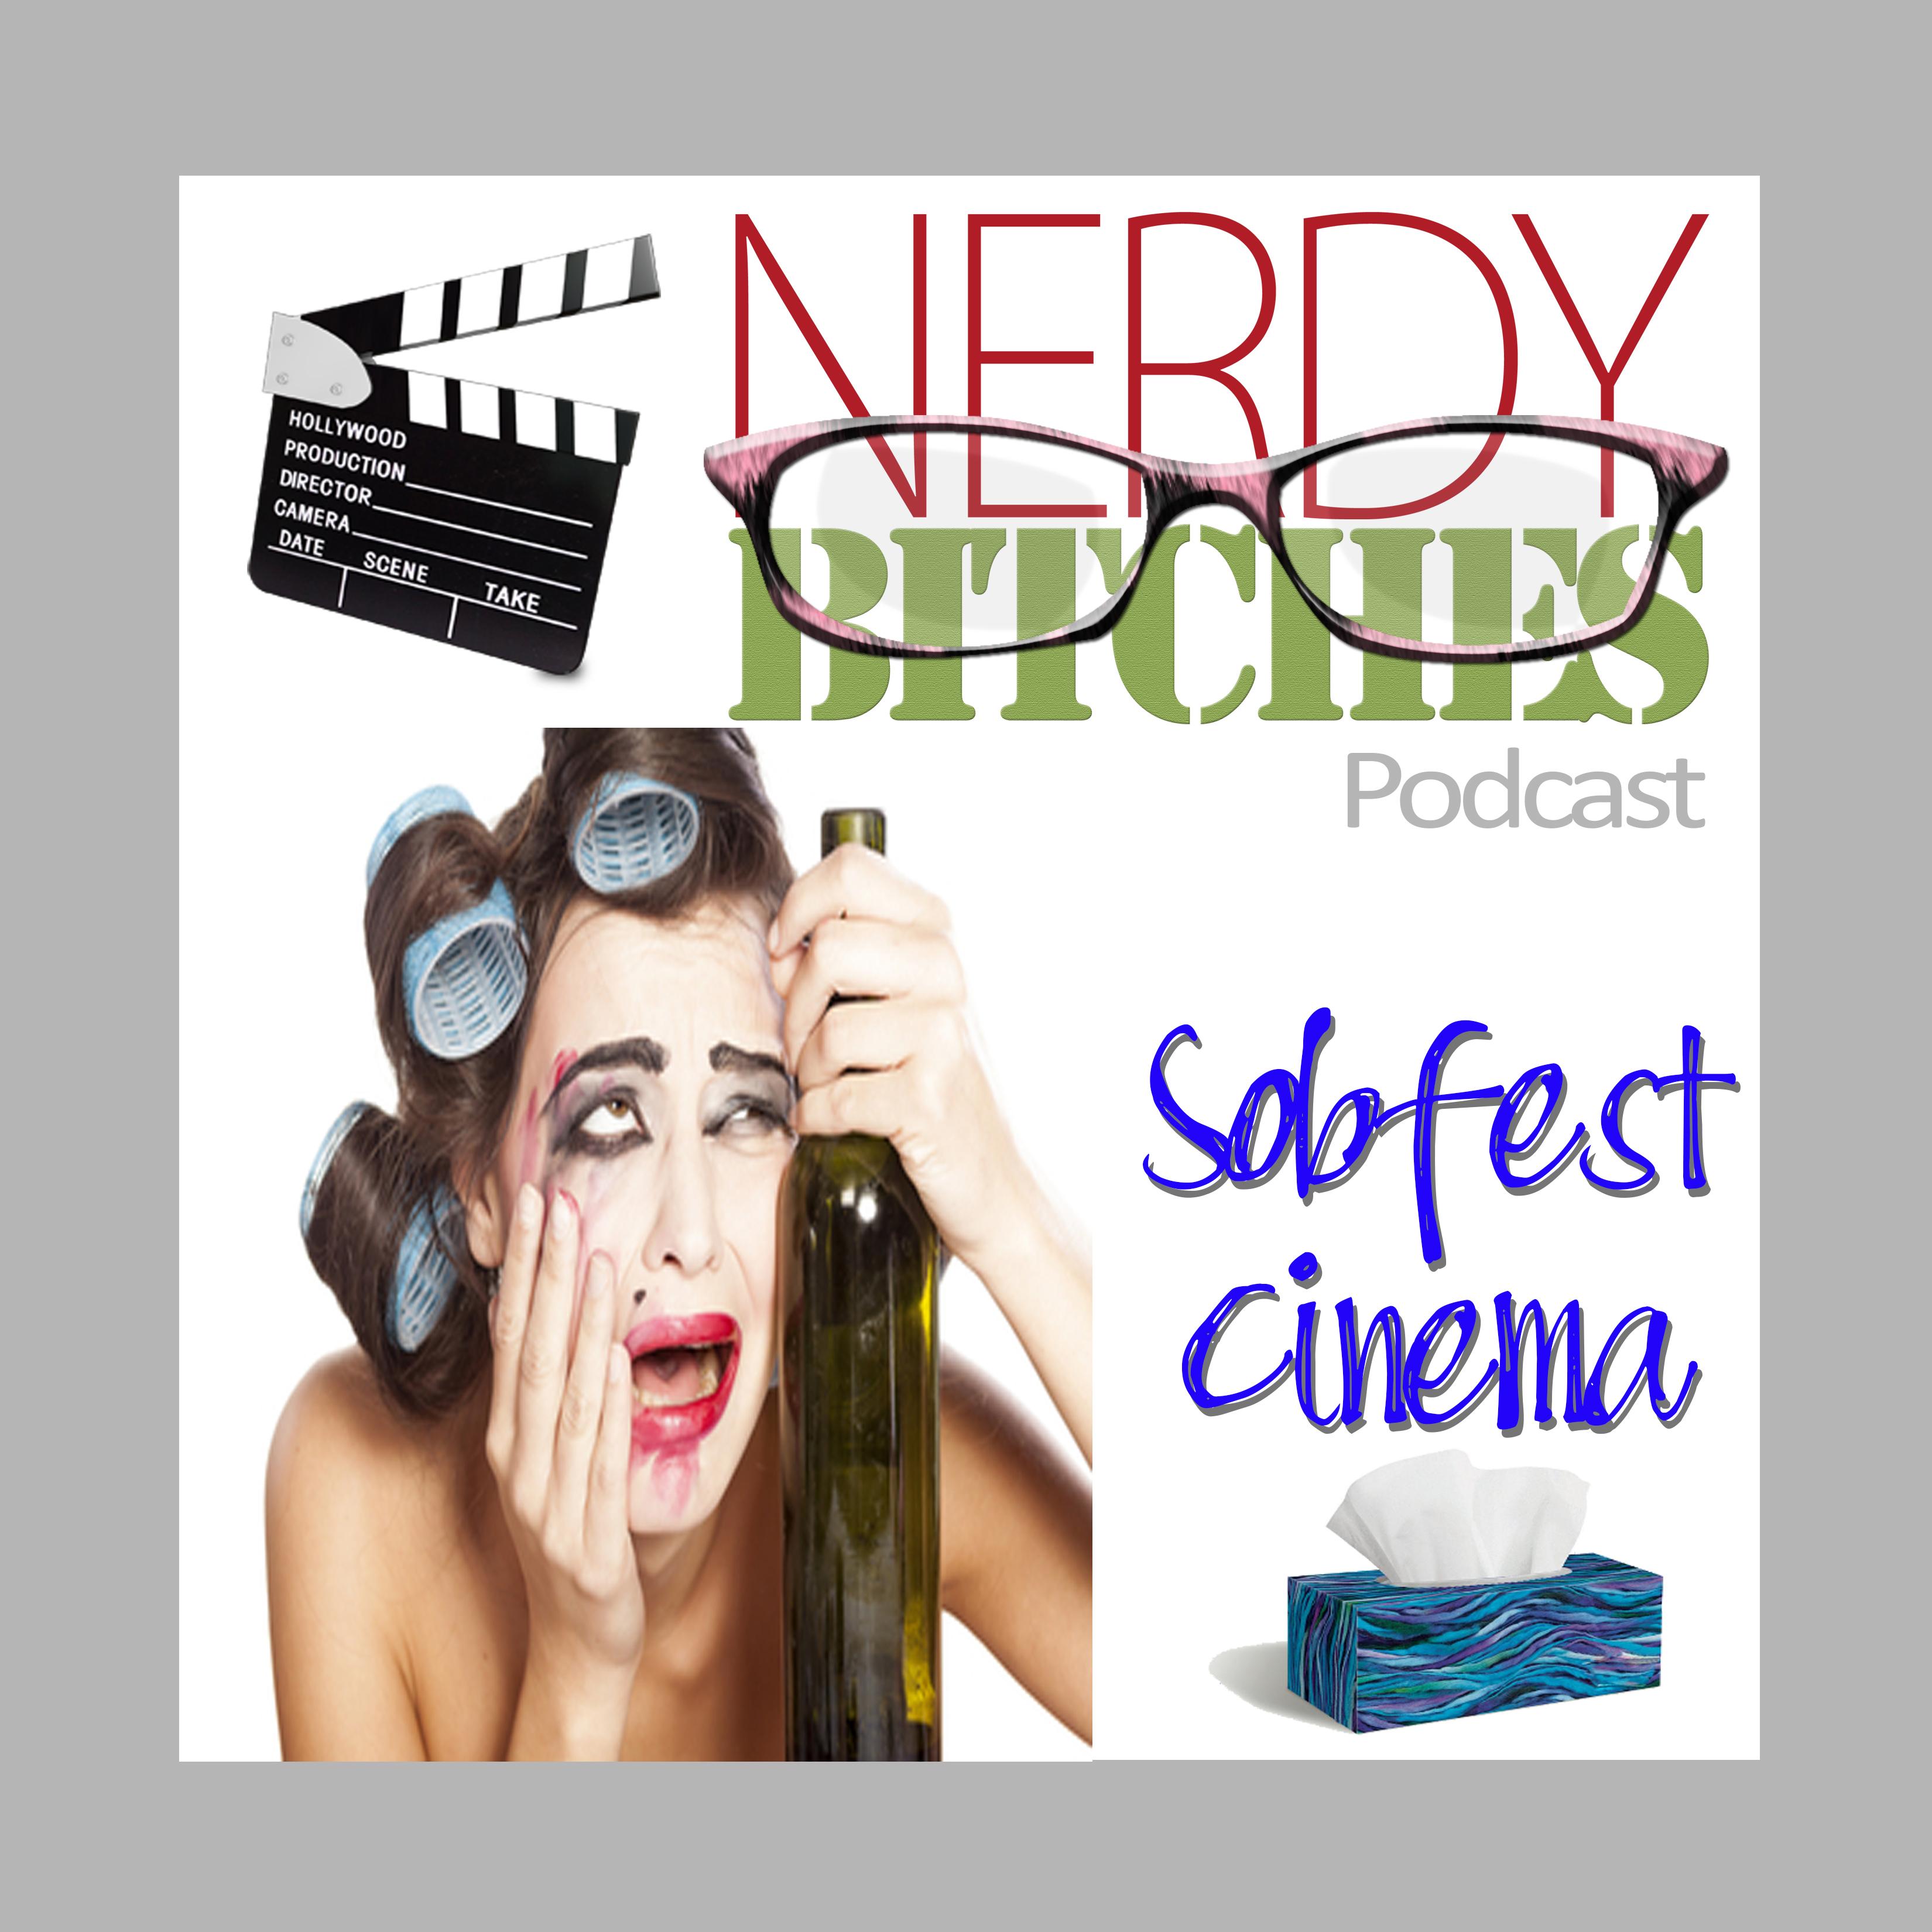 Sobfest Cinema